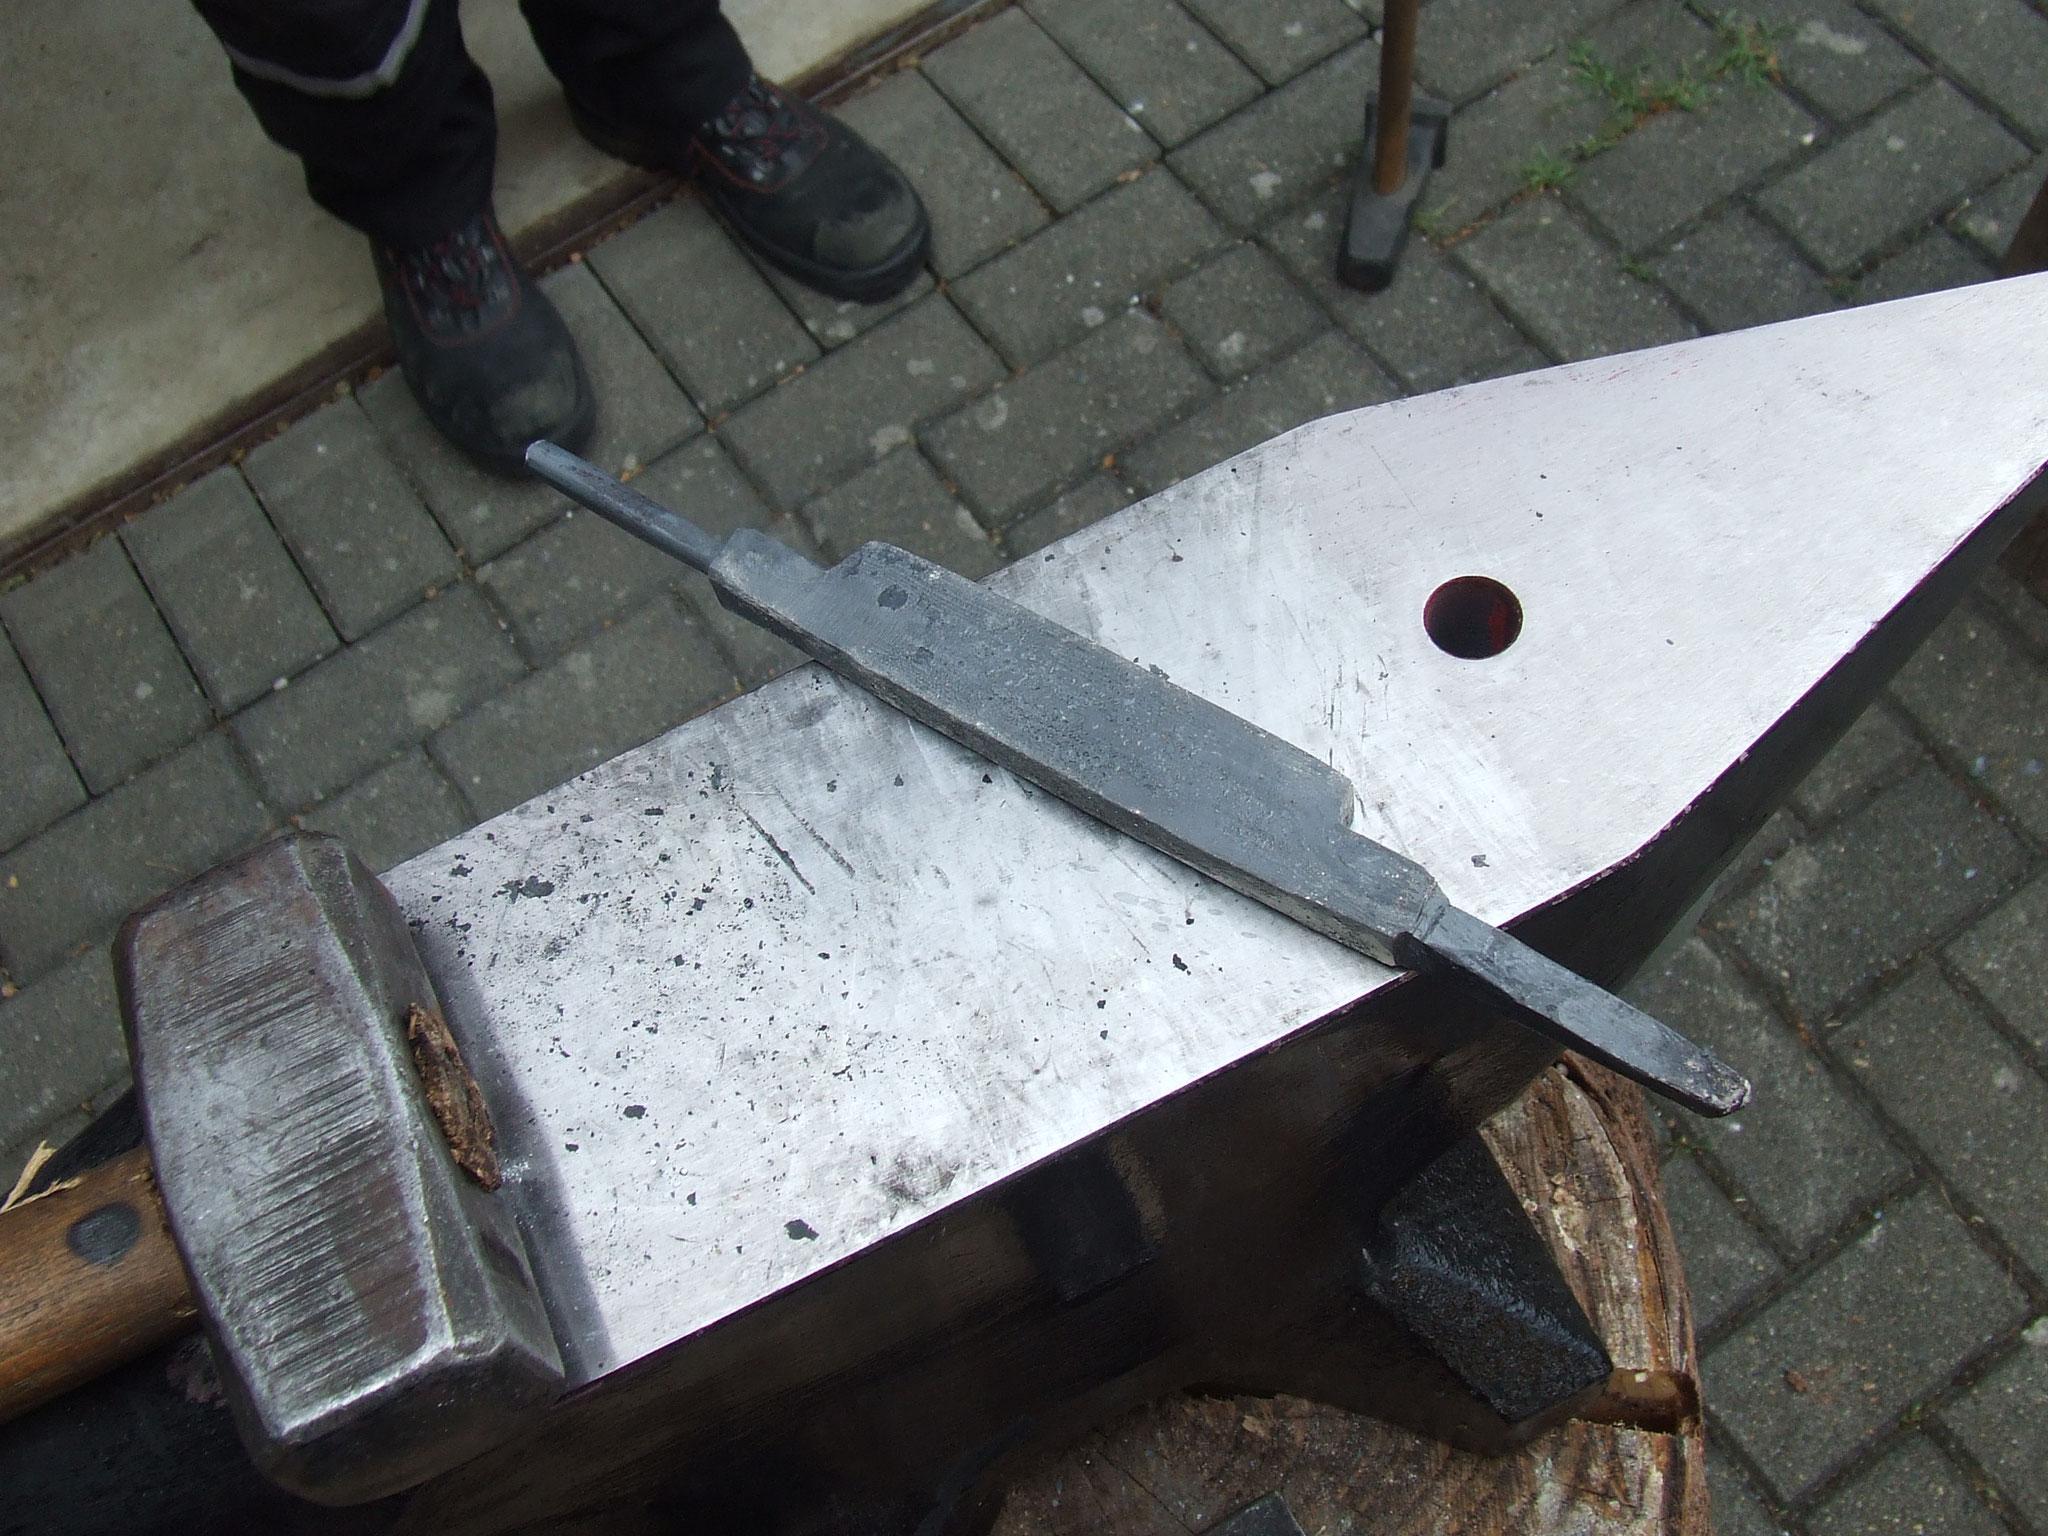 Damastrohling für zwei Messer